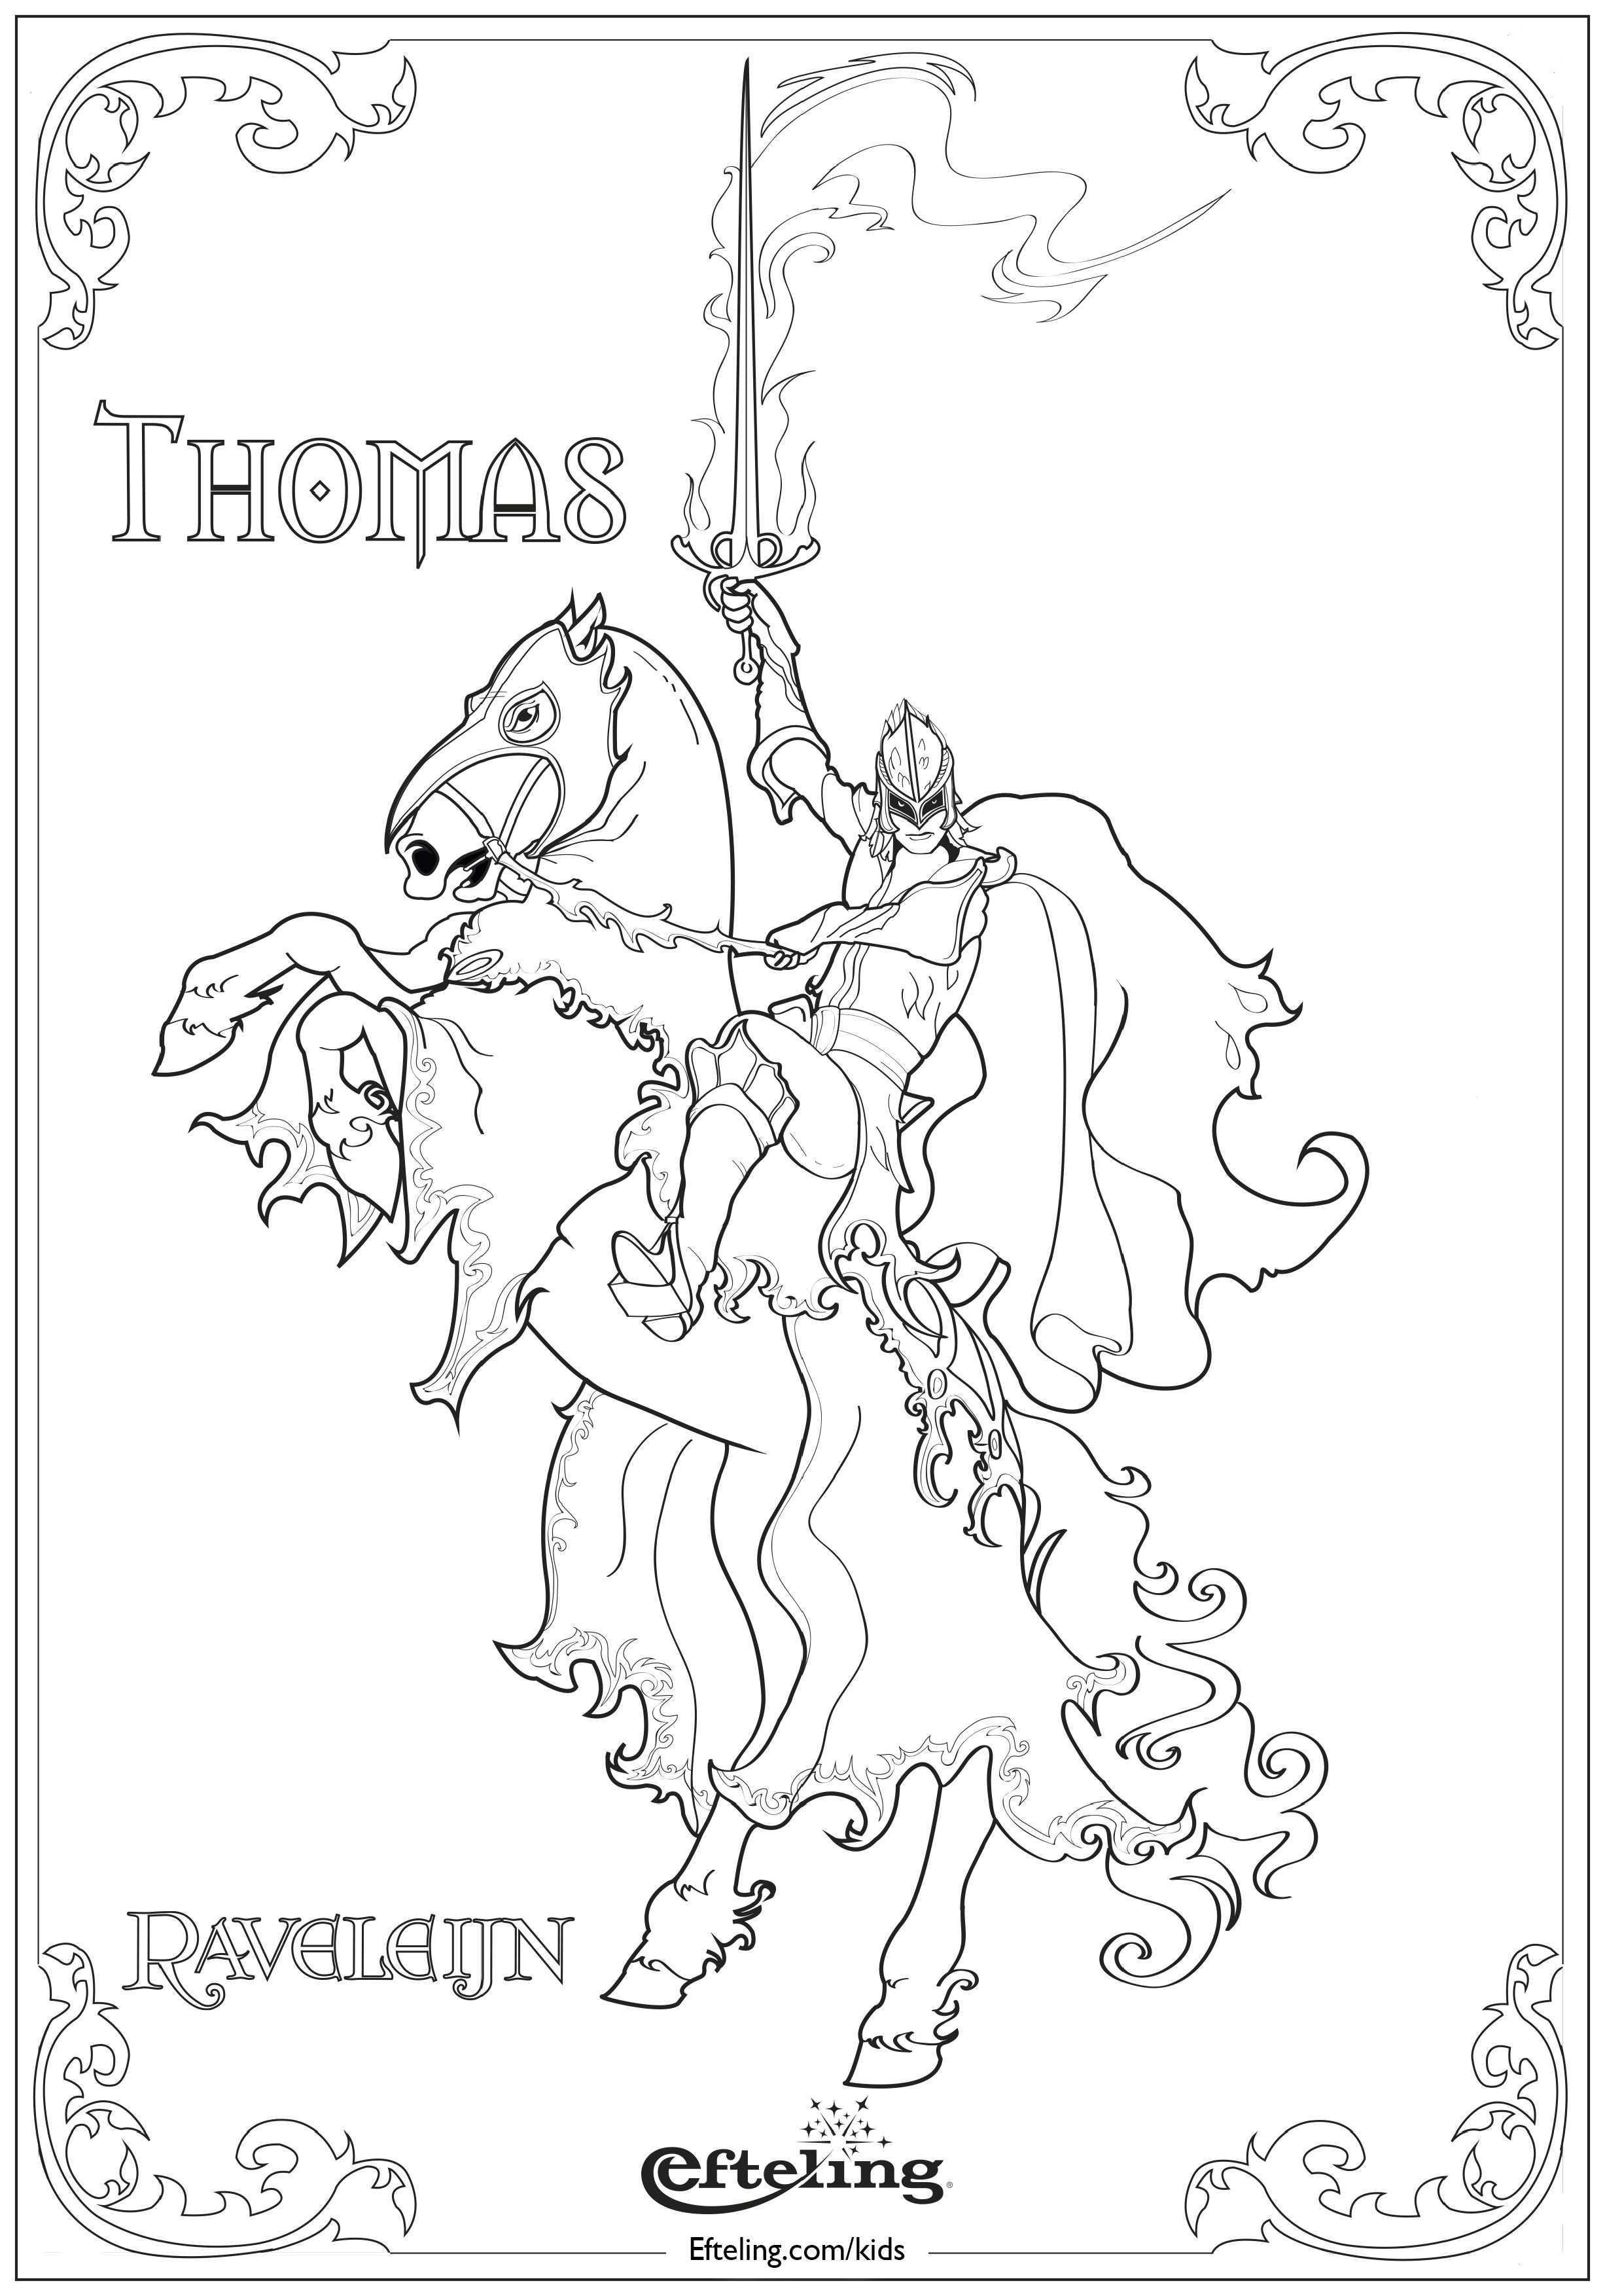 Efteling Kleurplaat Thomas Raveleijn Kleurplaten Sprookjesboom Themafeestjes